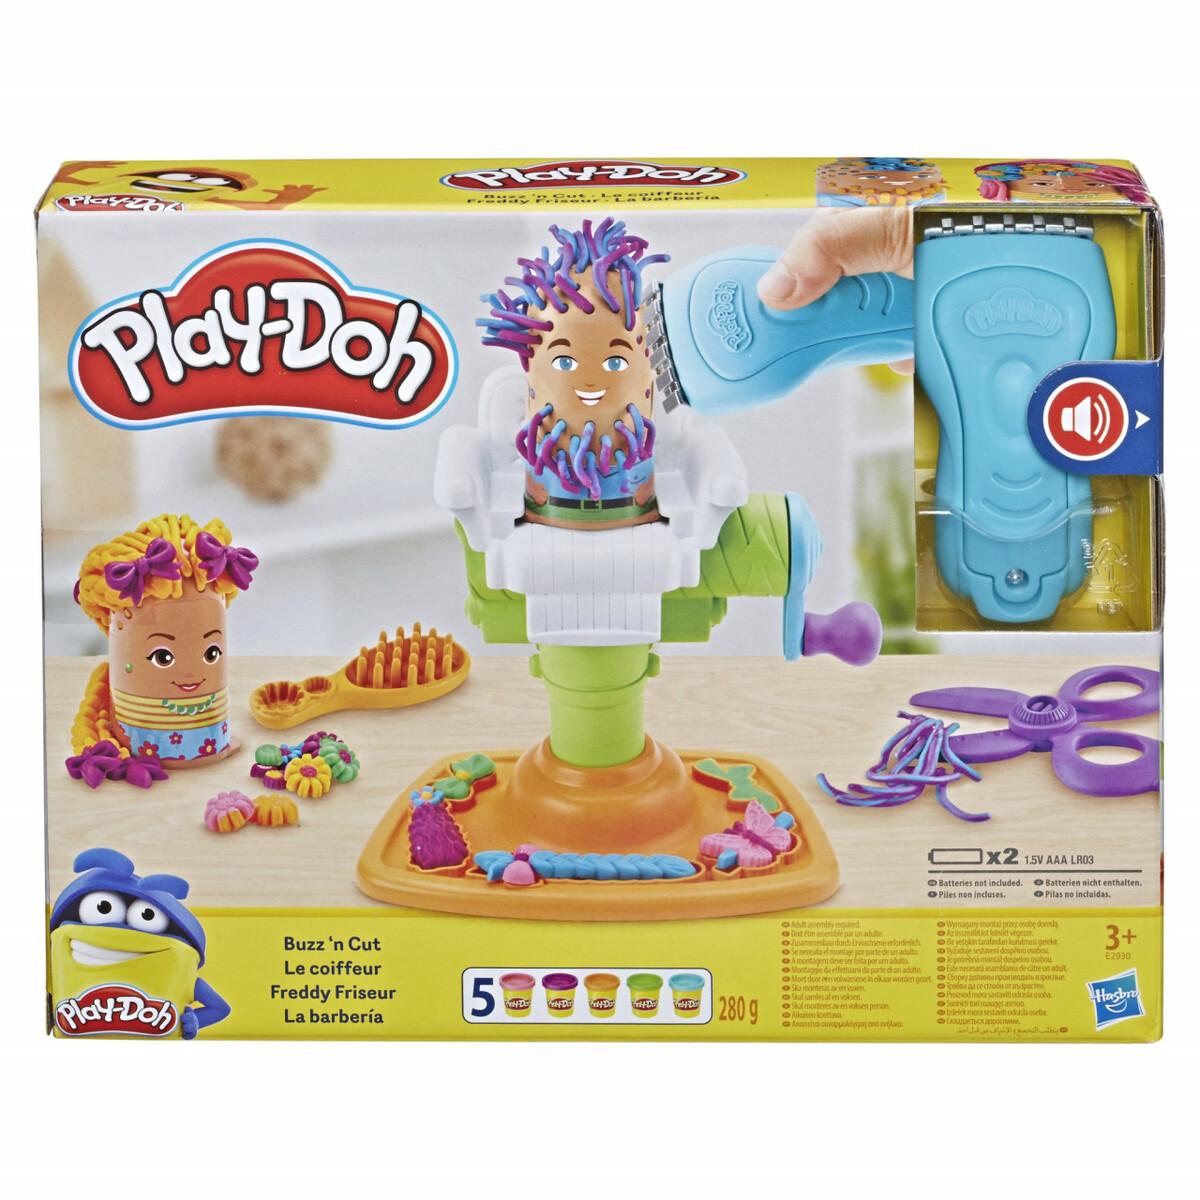 Bild 1 von Play-Doh Freddy Friseur Knet-Set